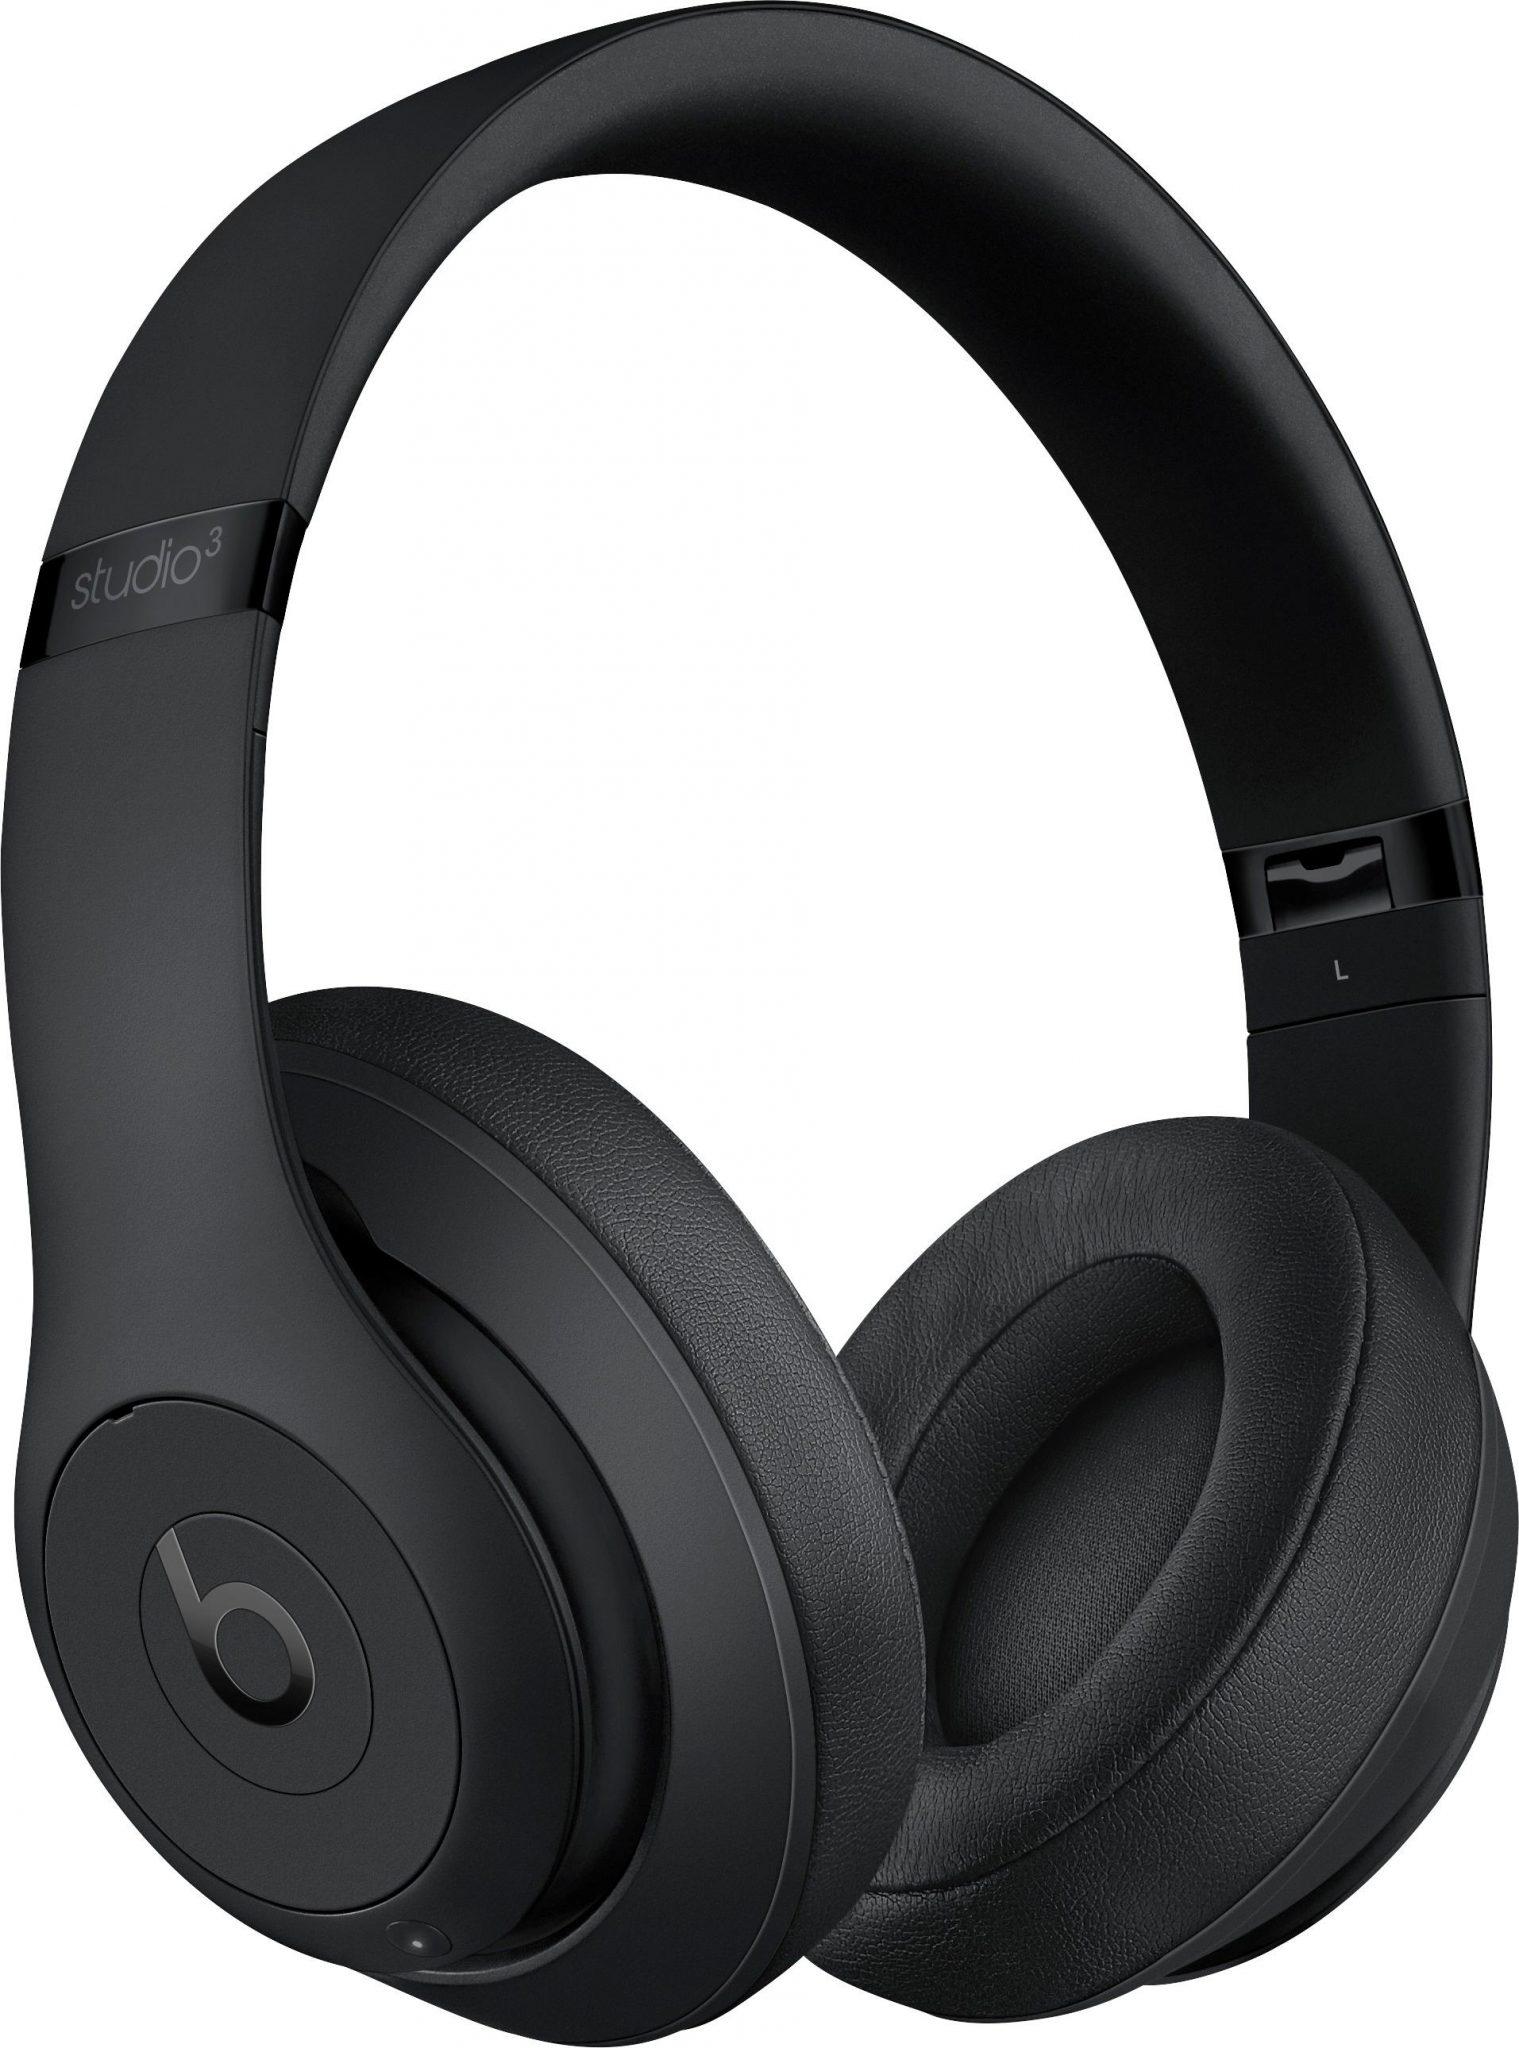 Beats Studio3 Wireless Over-Ear Headphones – Matte Black